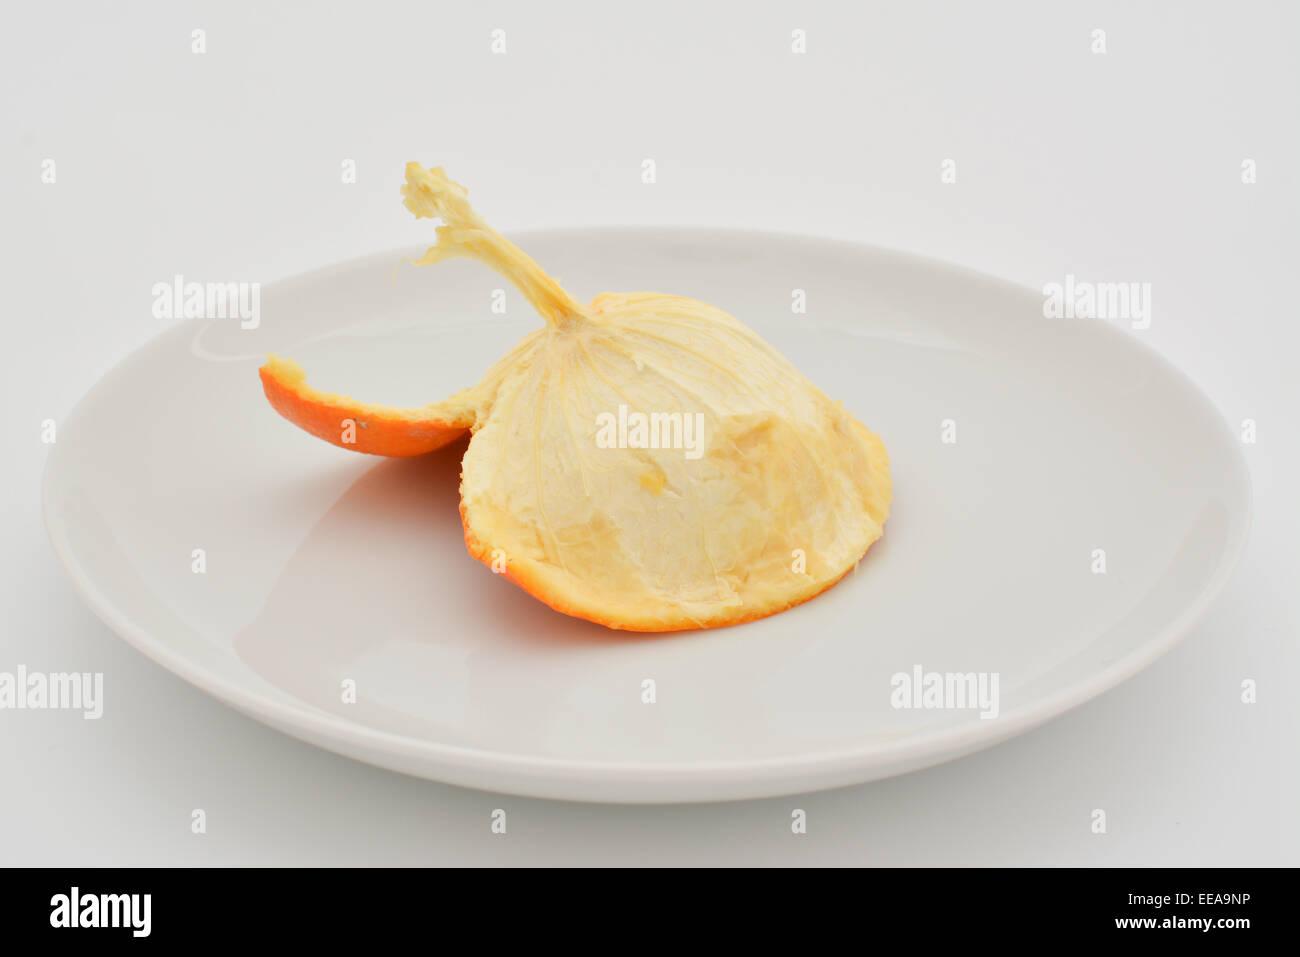 En el interior de la piel de una naranja comido en una placa blanca. Imagen De Stock